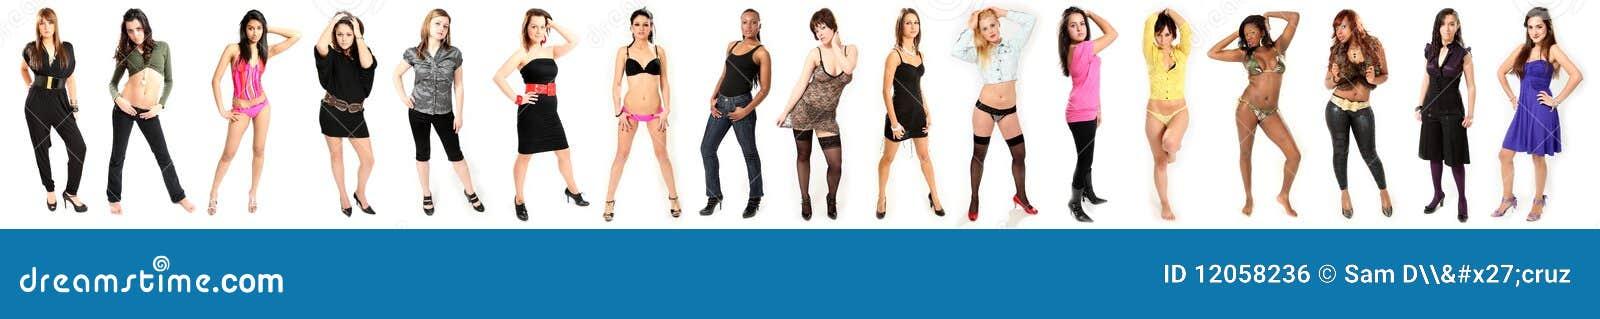 Beautiful Young Women Fashion Models